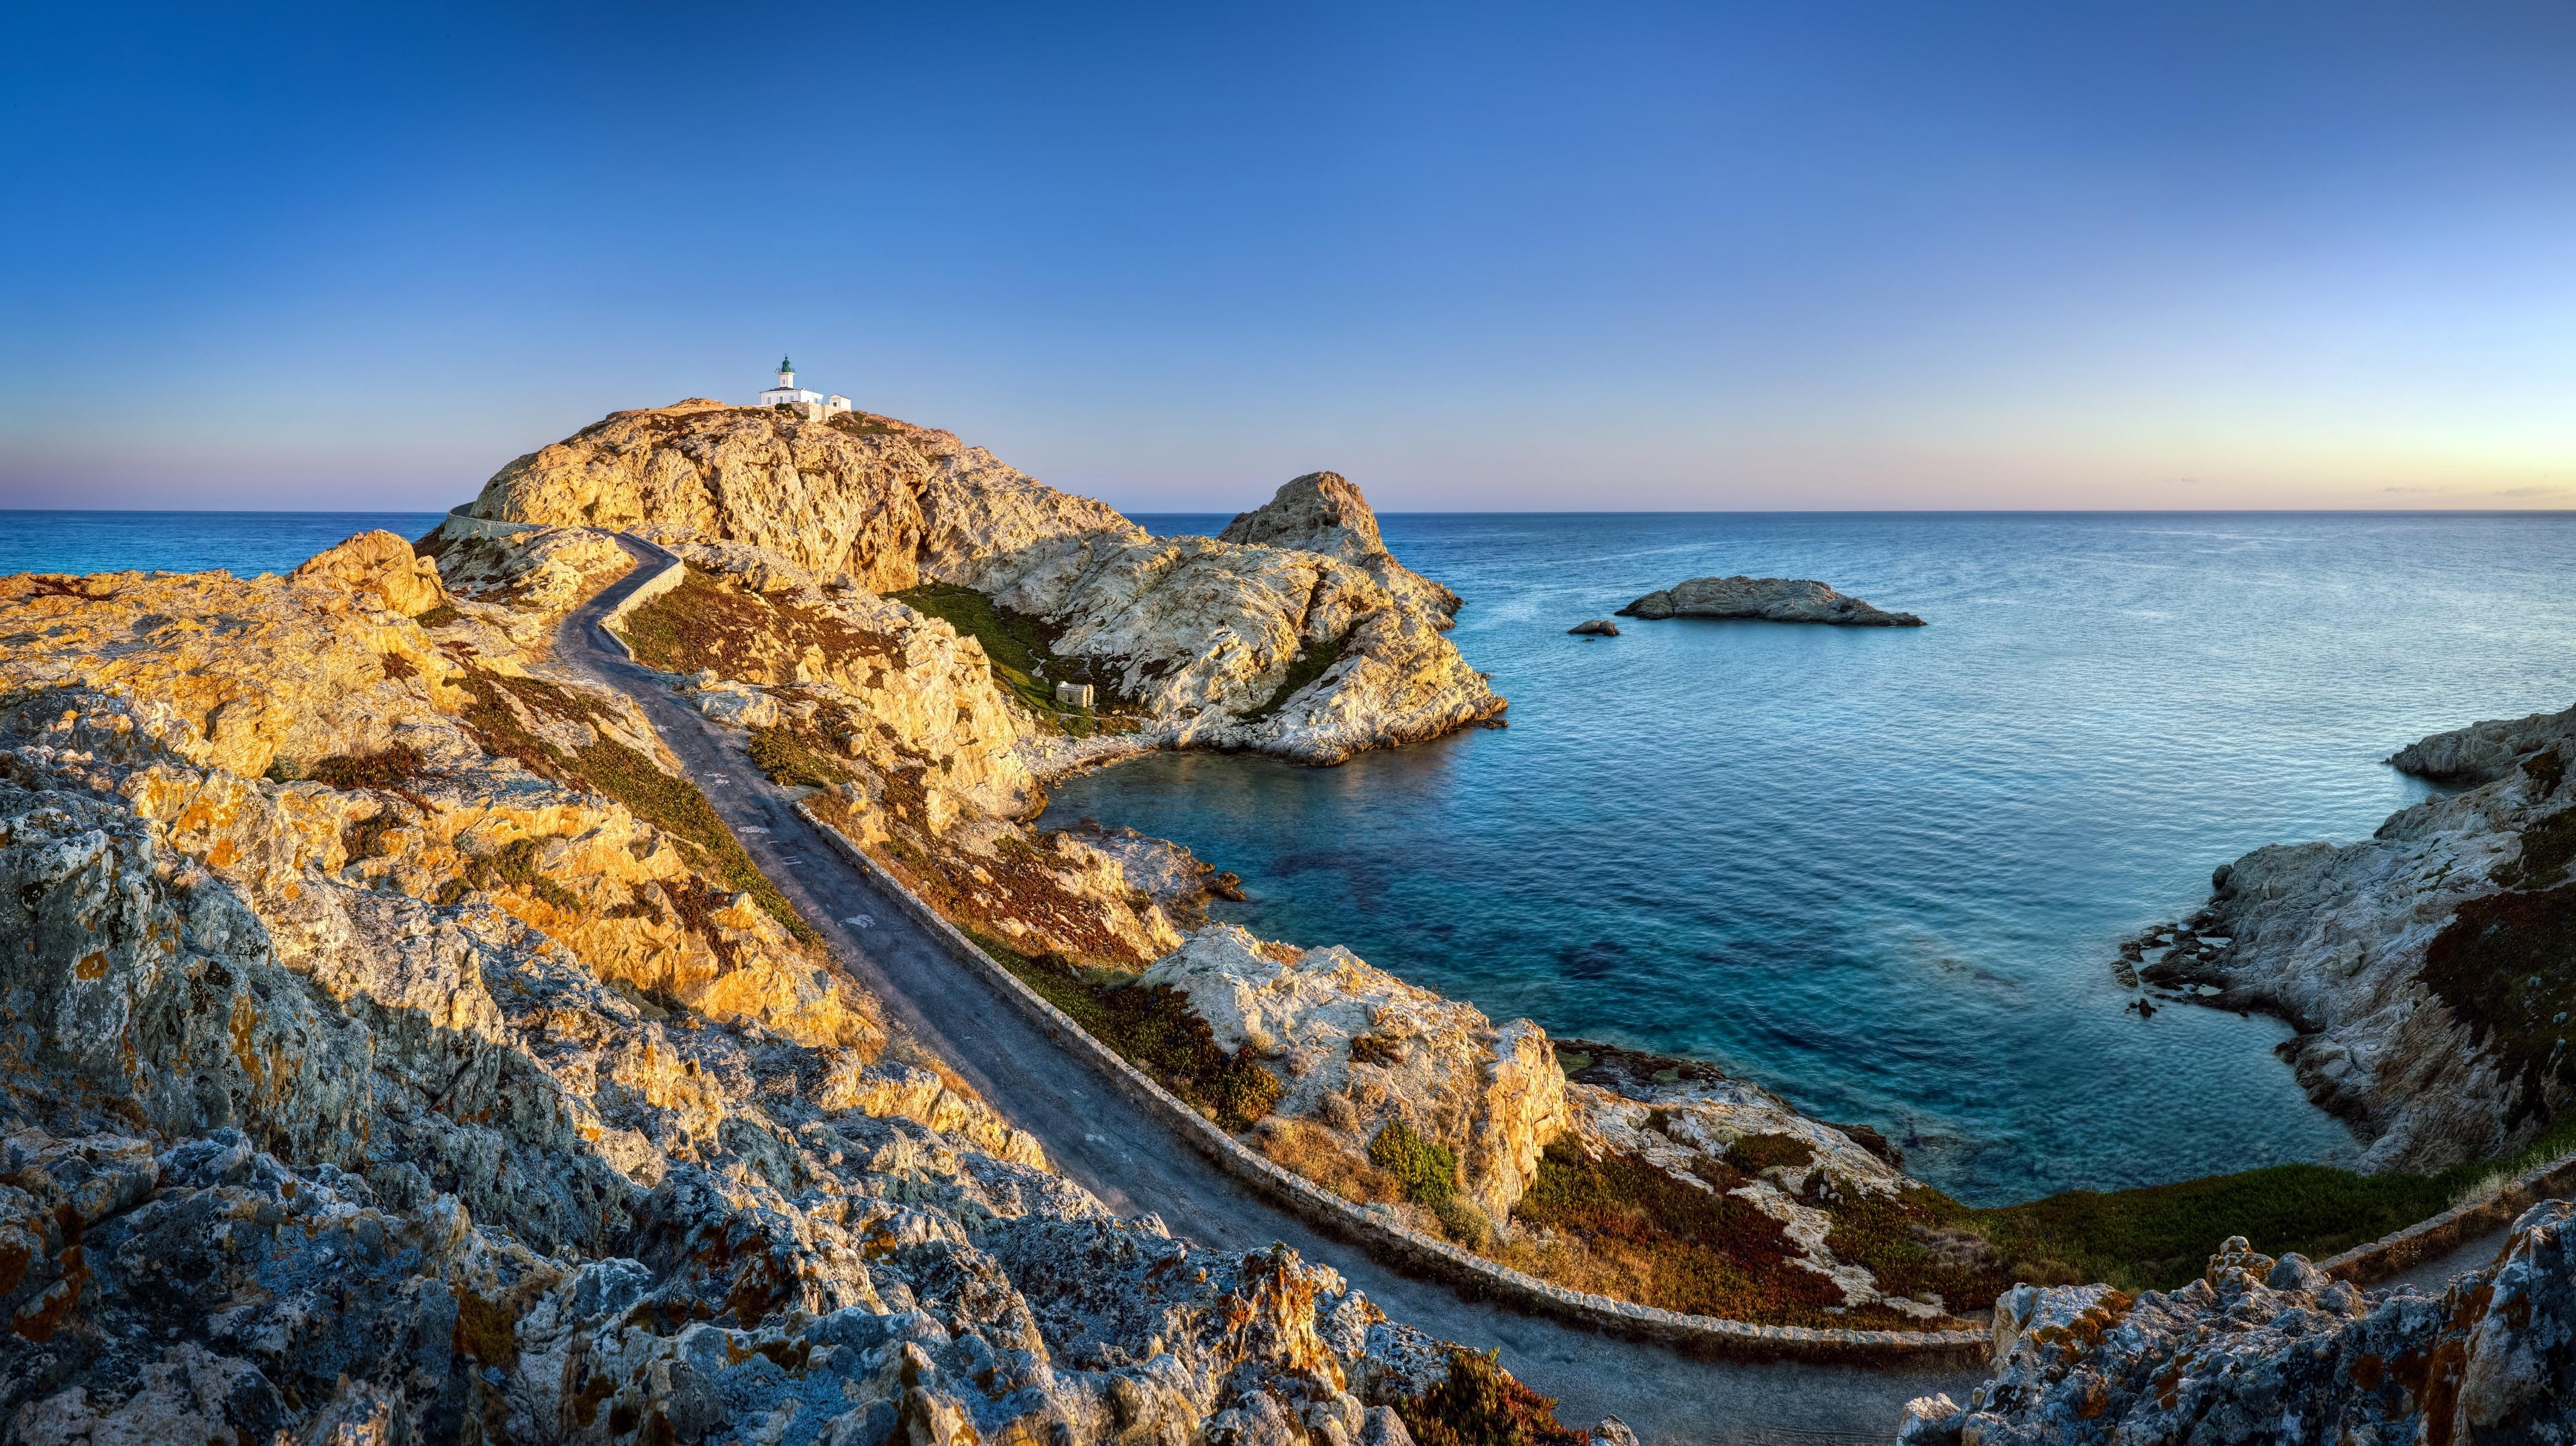 L'Ile-Rousse - Balagne, Haute-Corse, France